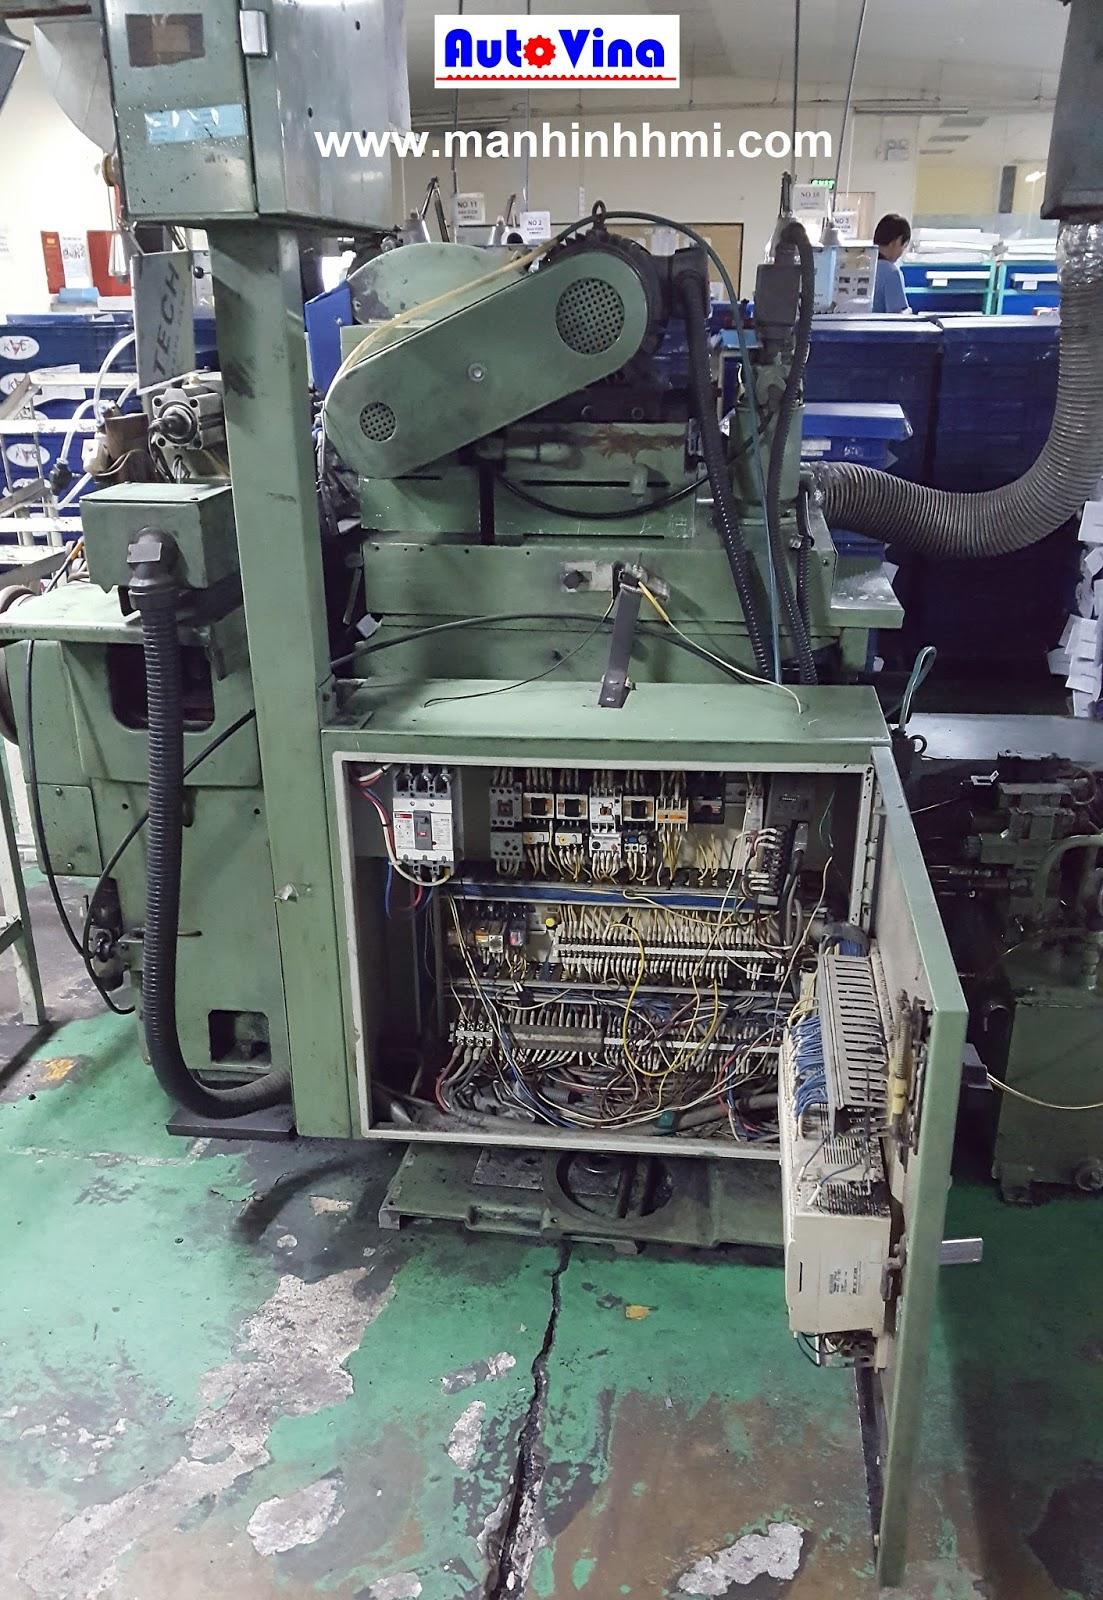 Sửa chữa tủ điện máy mài tự động dùng PLC FX1-64MR, FX1-80MR cùng Module FX-16EX